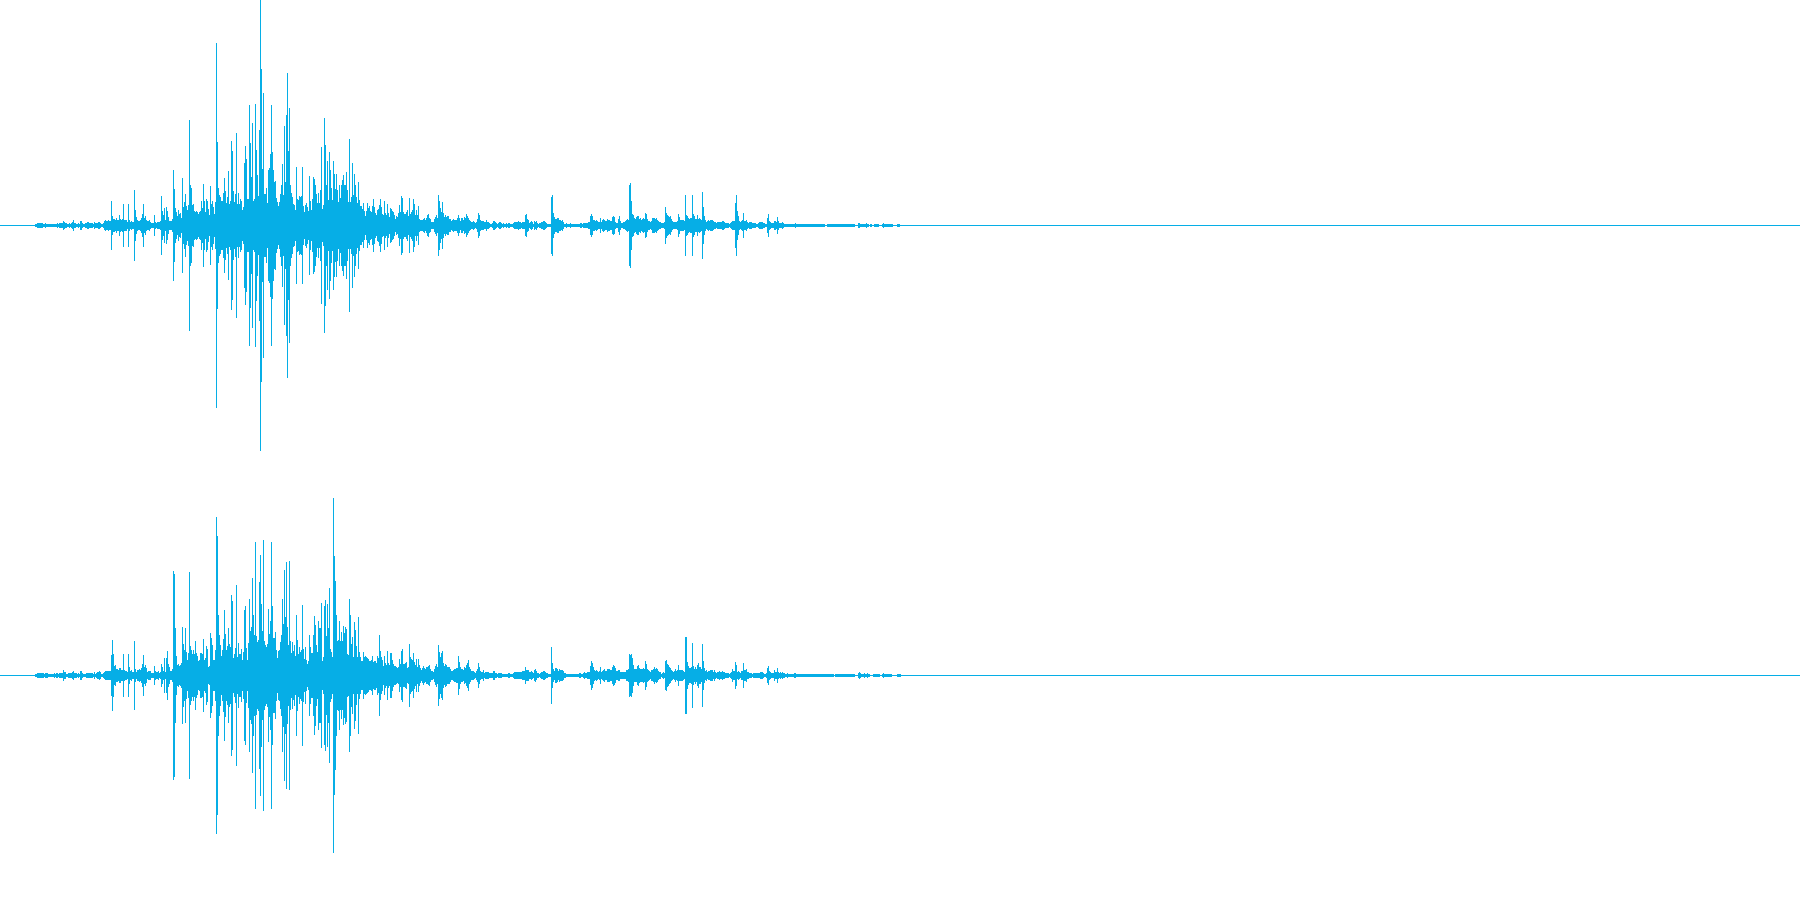 にぎり壊す音、踏みつぶす音の再生済みの波形